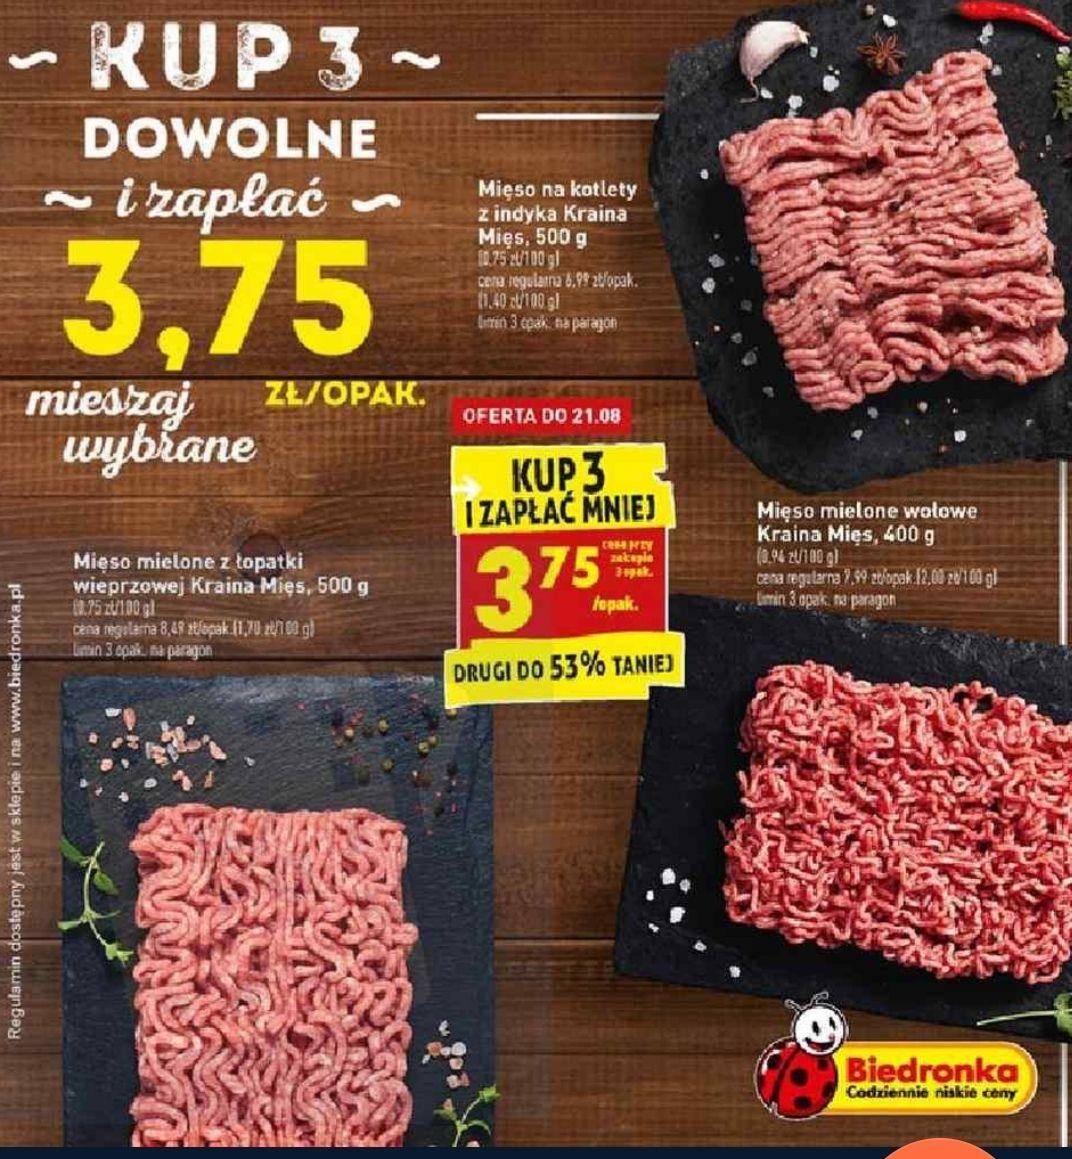 Mięso mielone 3,75 zł/szt przy zakupie 3 paczek - Biedronka